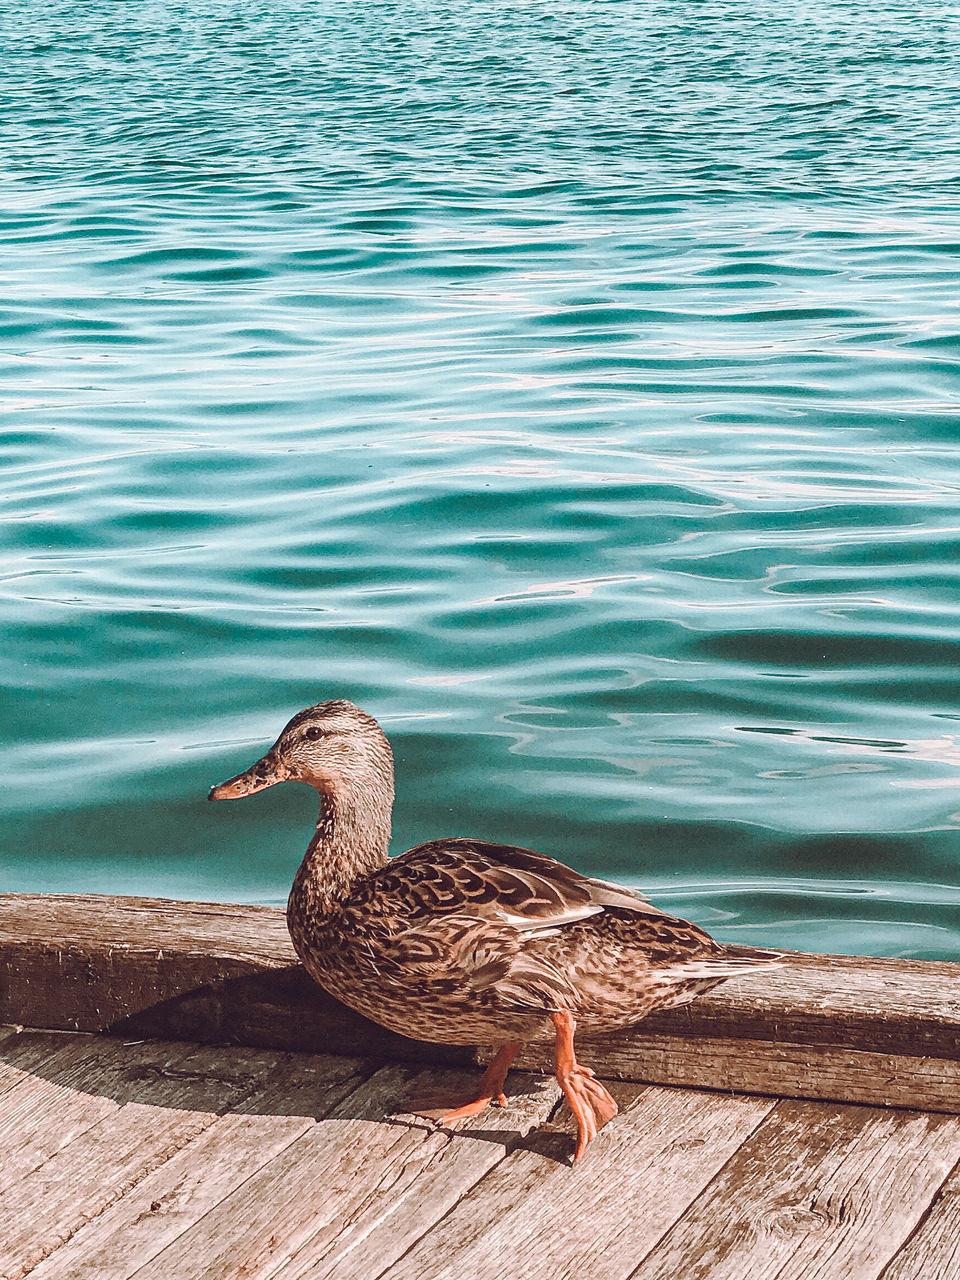 HIGH ANGLE VIEW OF A BIRD ON LAKE